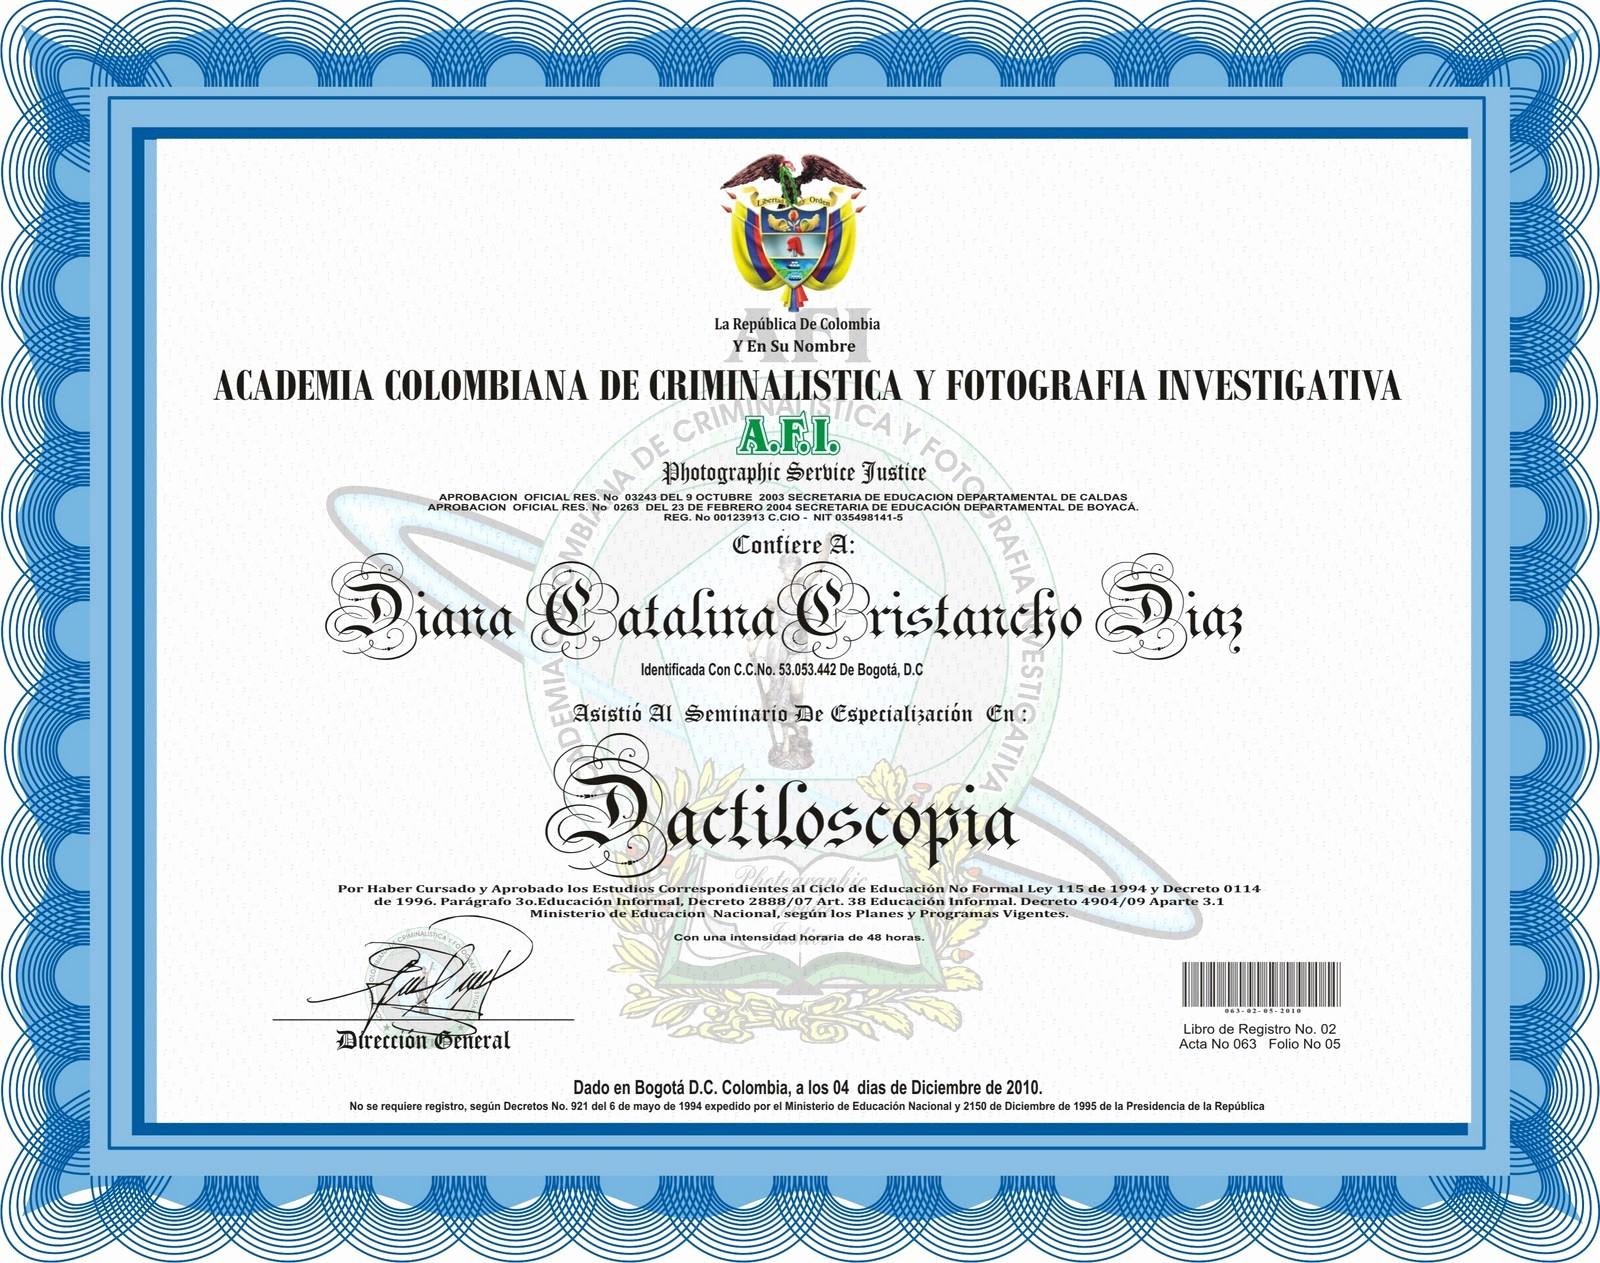 Formatos De Diplomas Para Modificar New Diplomas Plantilla De Recargado Para Diploma Certificado